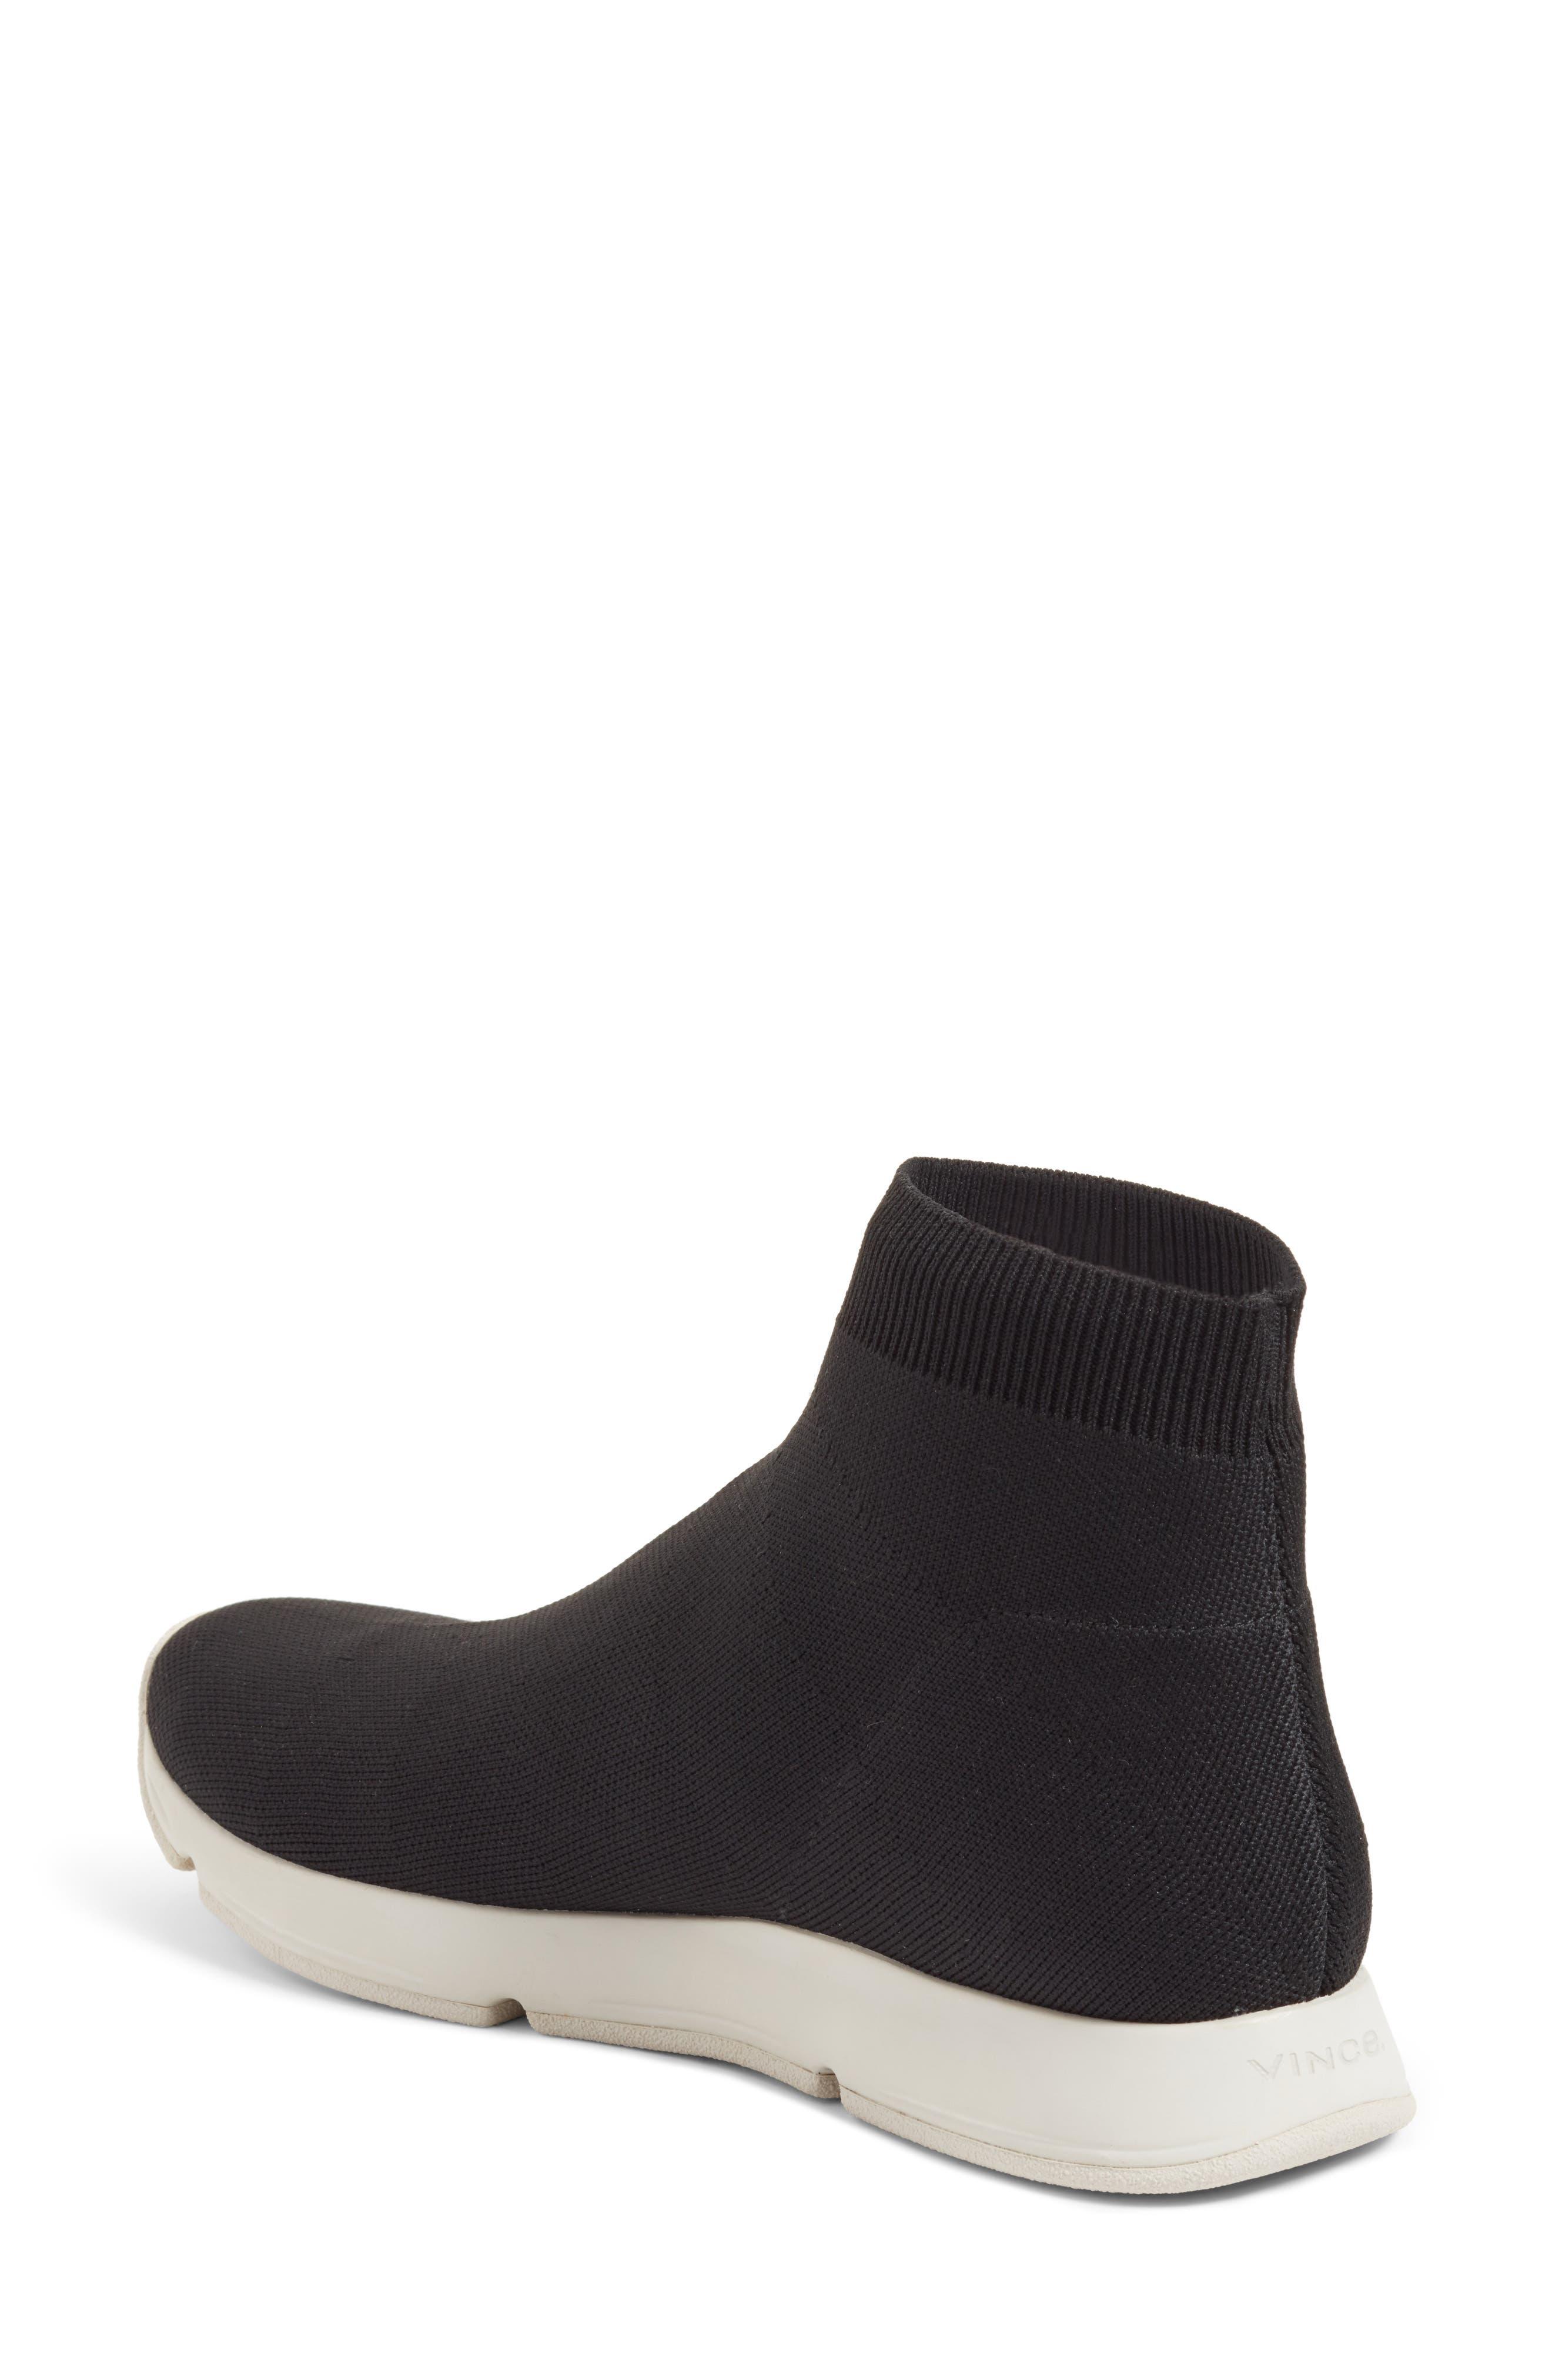 Tyra Sock Sneaker,                             Alternate thumbnail 2, color,                             001